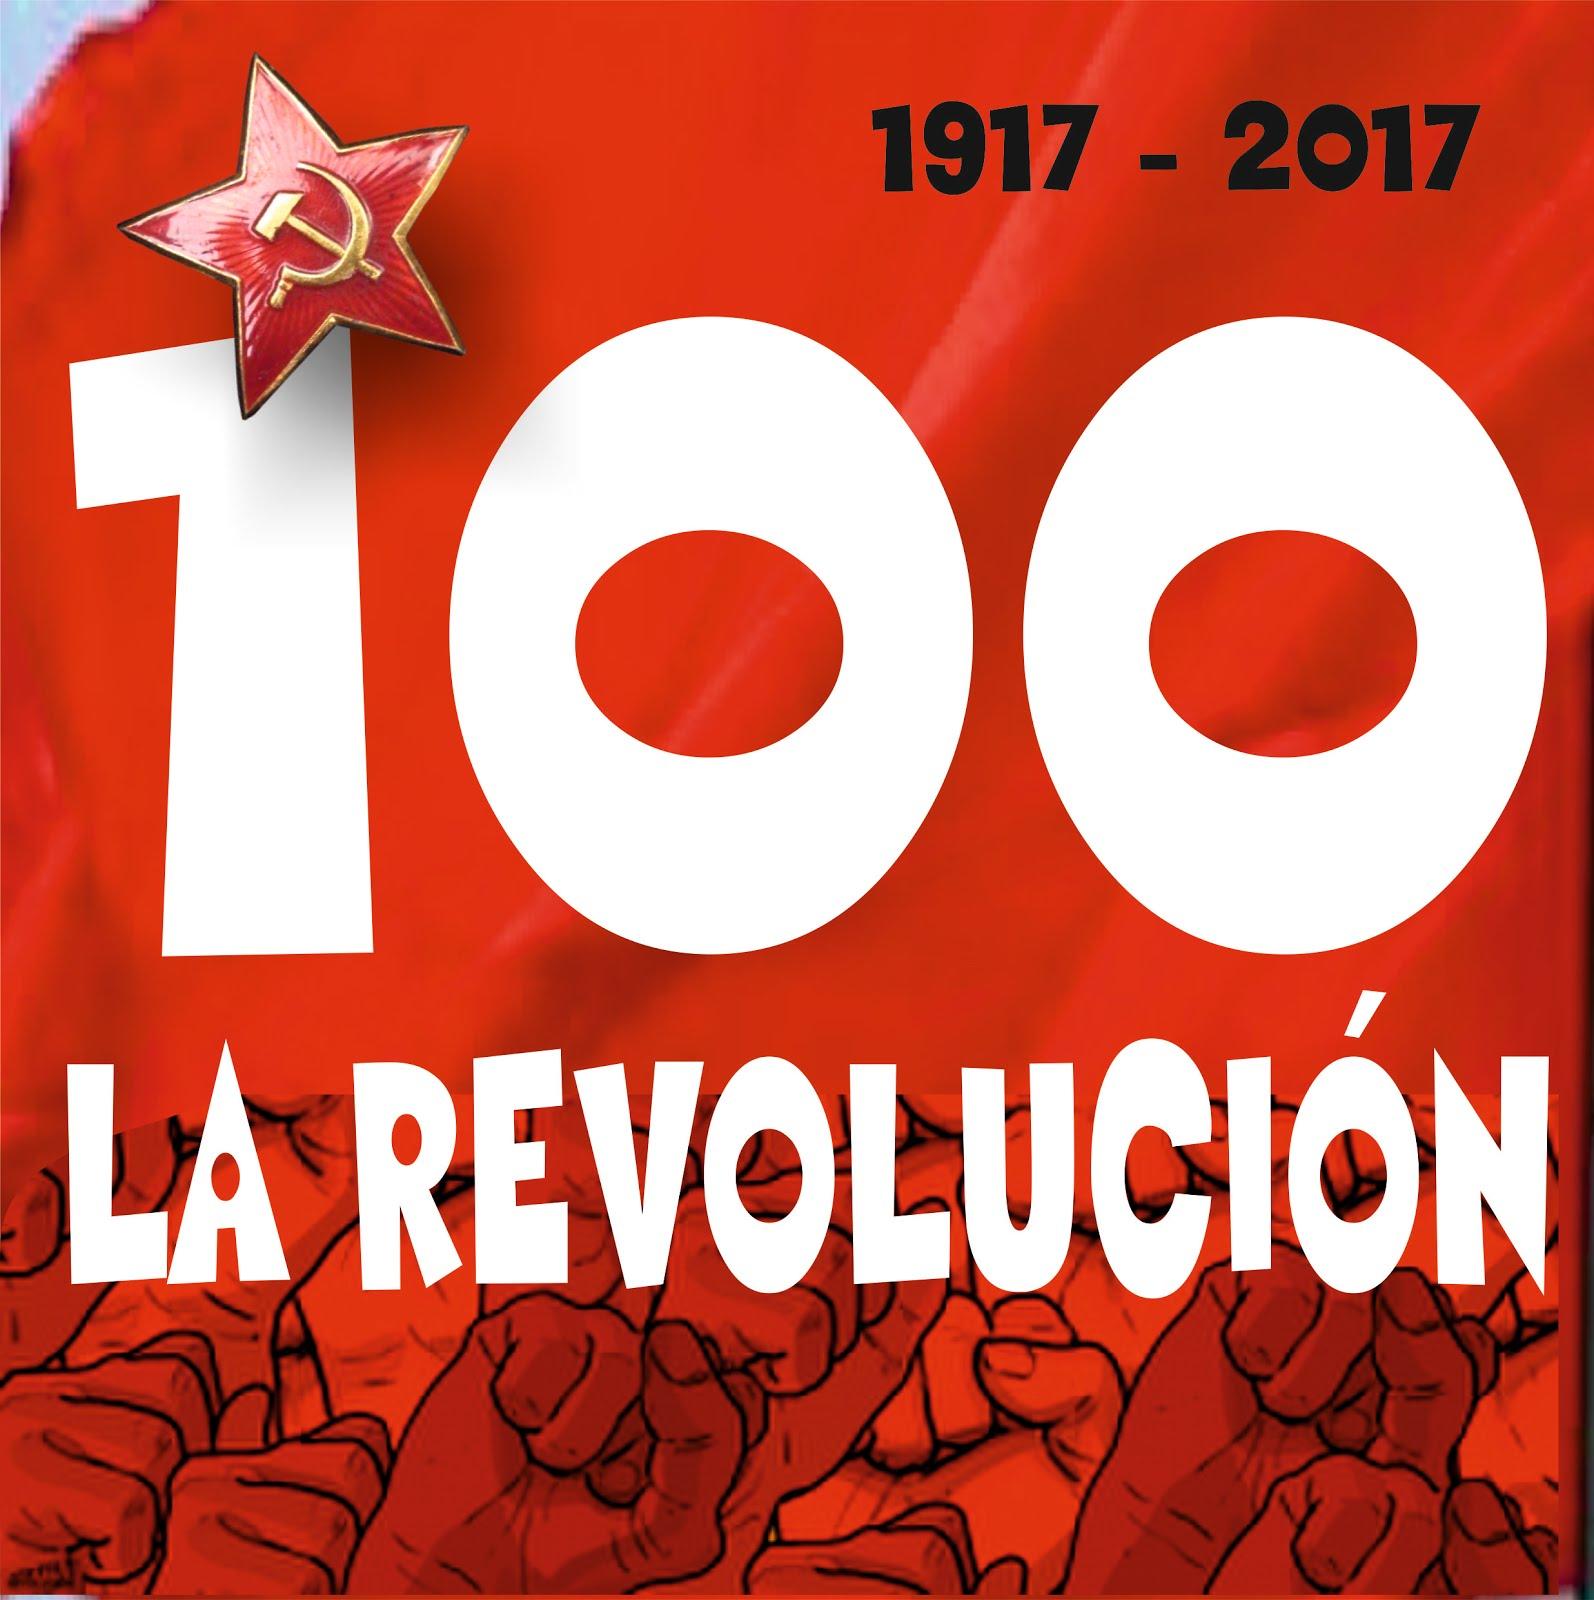 Centenario del triunfo de la Gran Revolución Socialista deOctubre